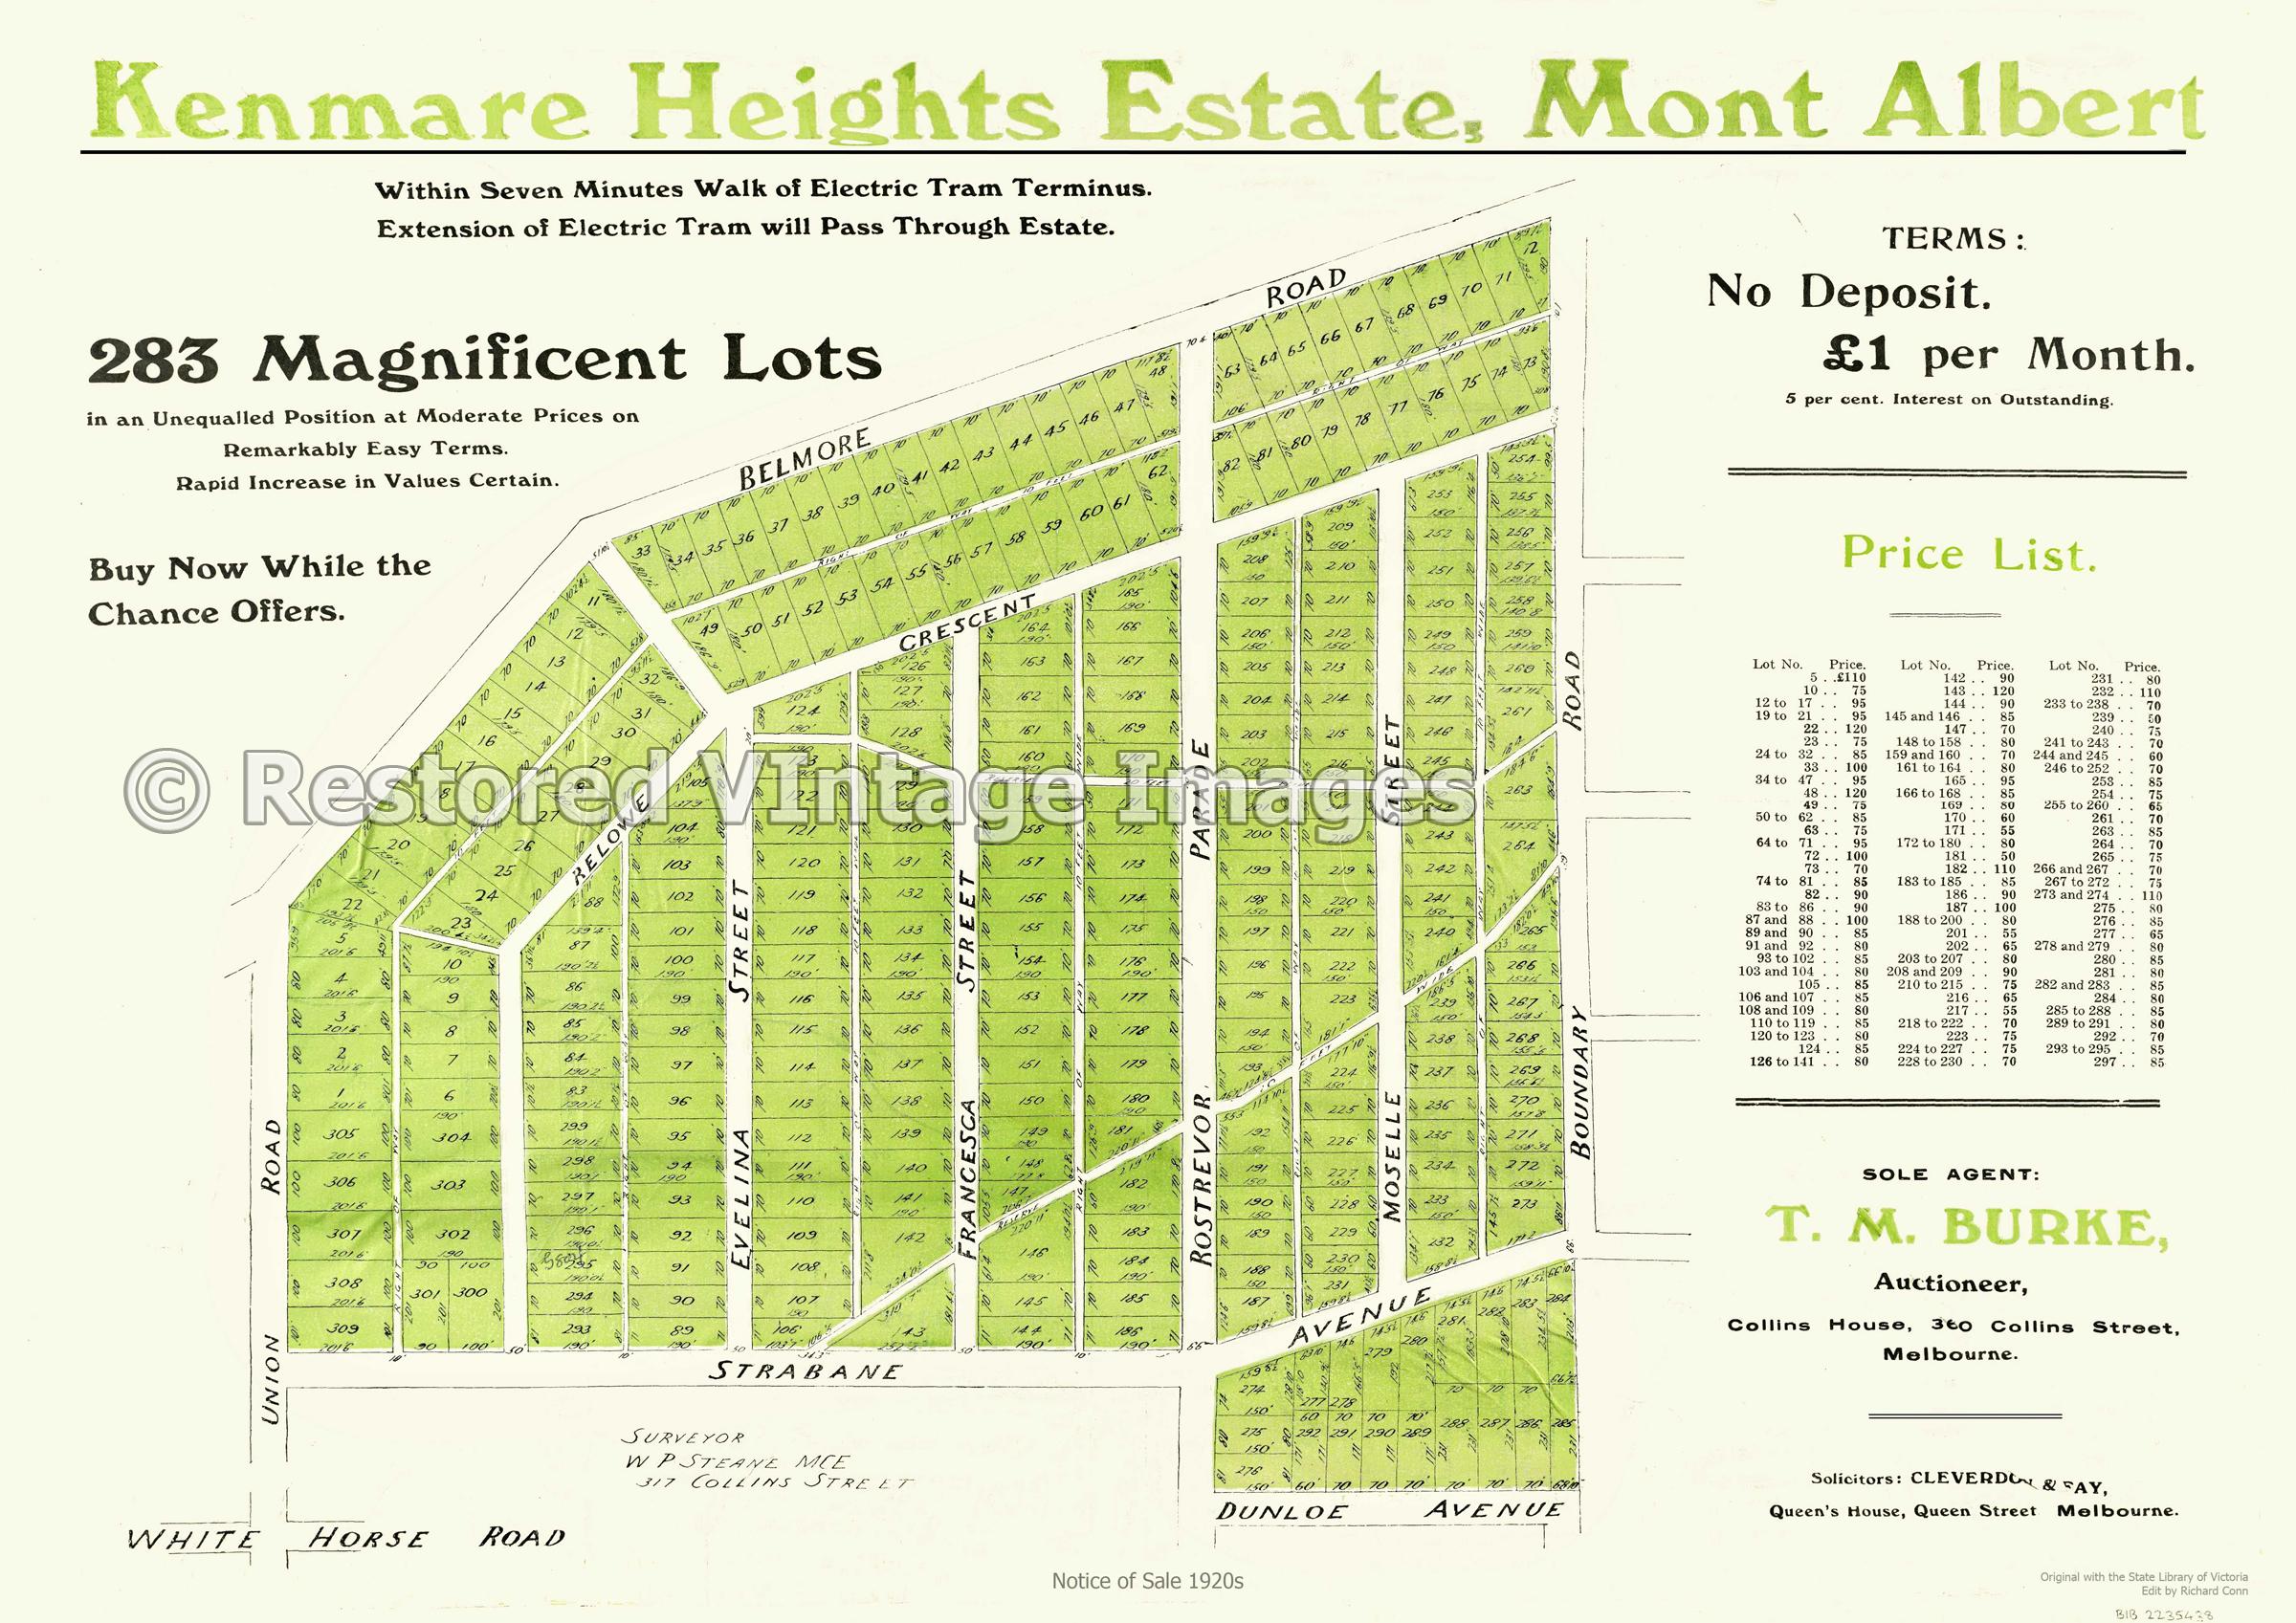 Kenmare Heights Estate Mont Albert 1920s – Mont Albert North